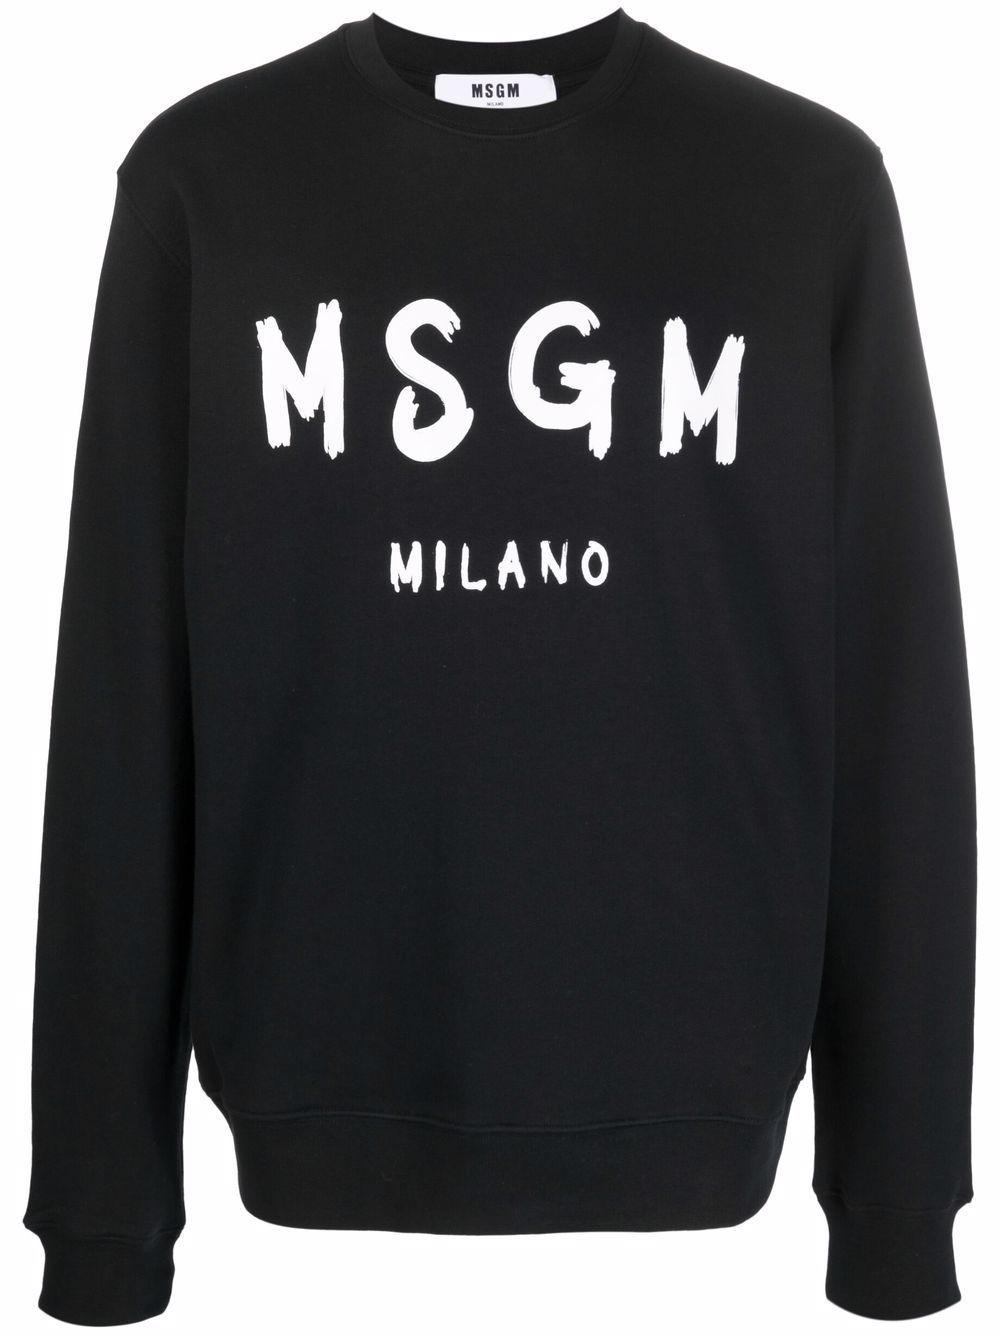 Msgm maglie nero